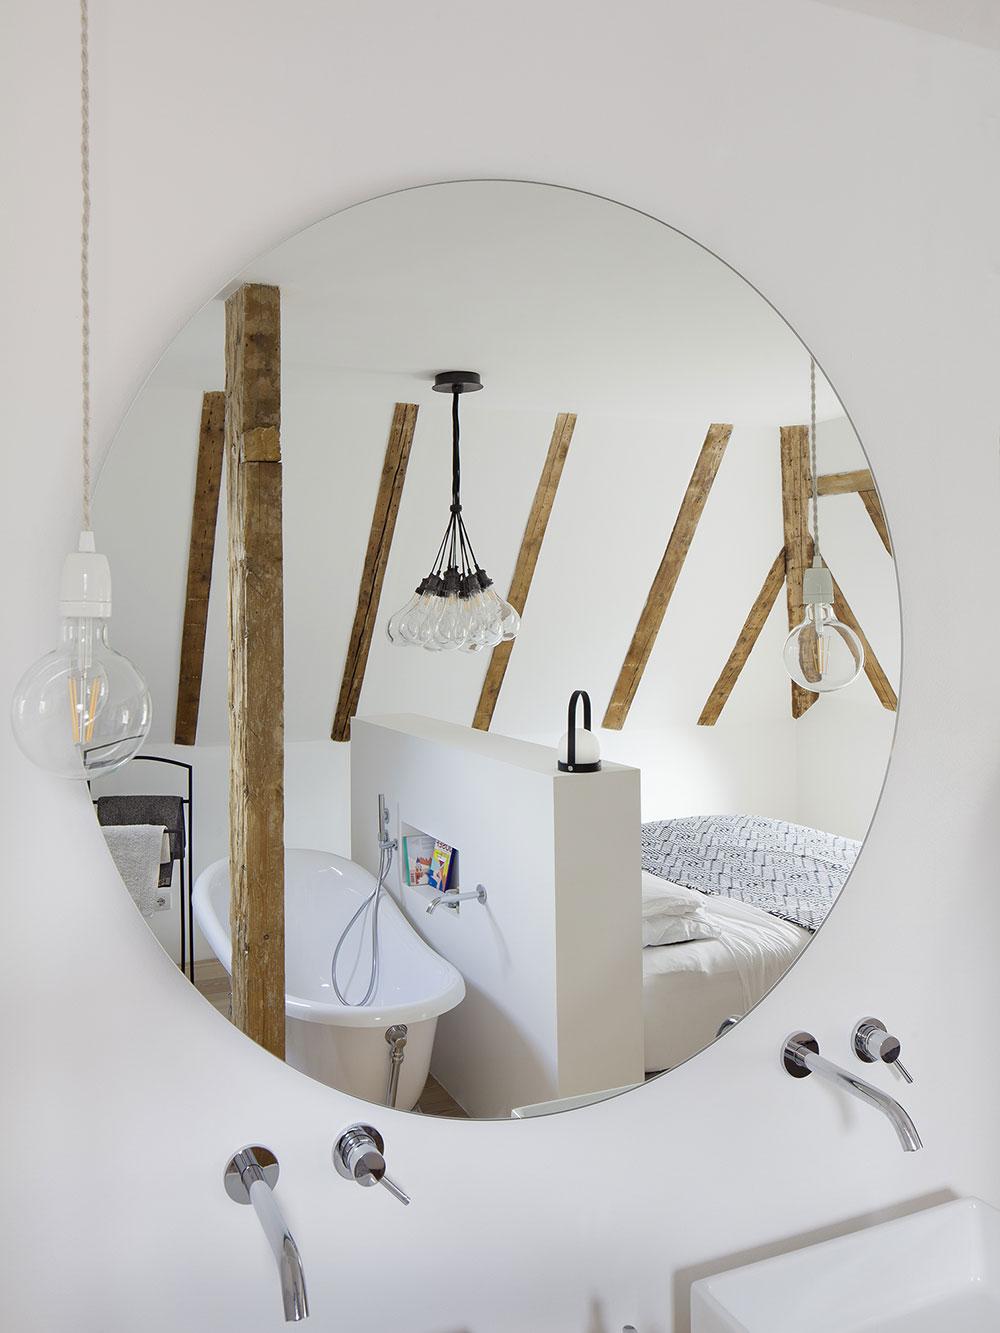 Foto GRAF + BÄDER architects